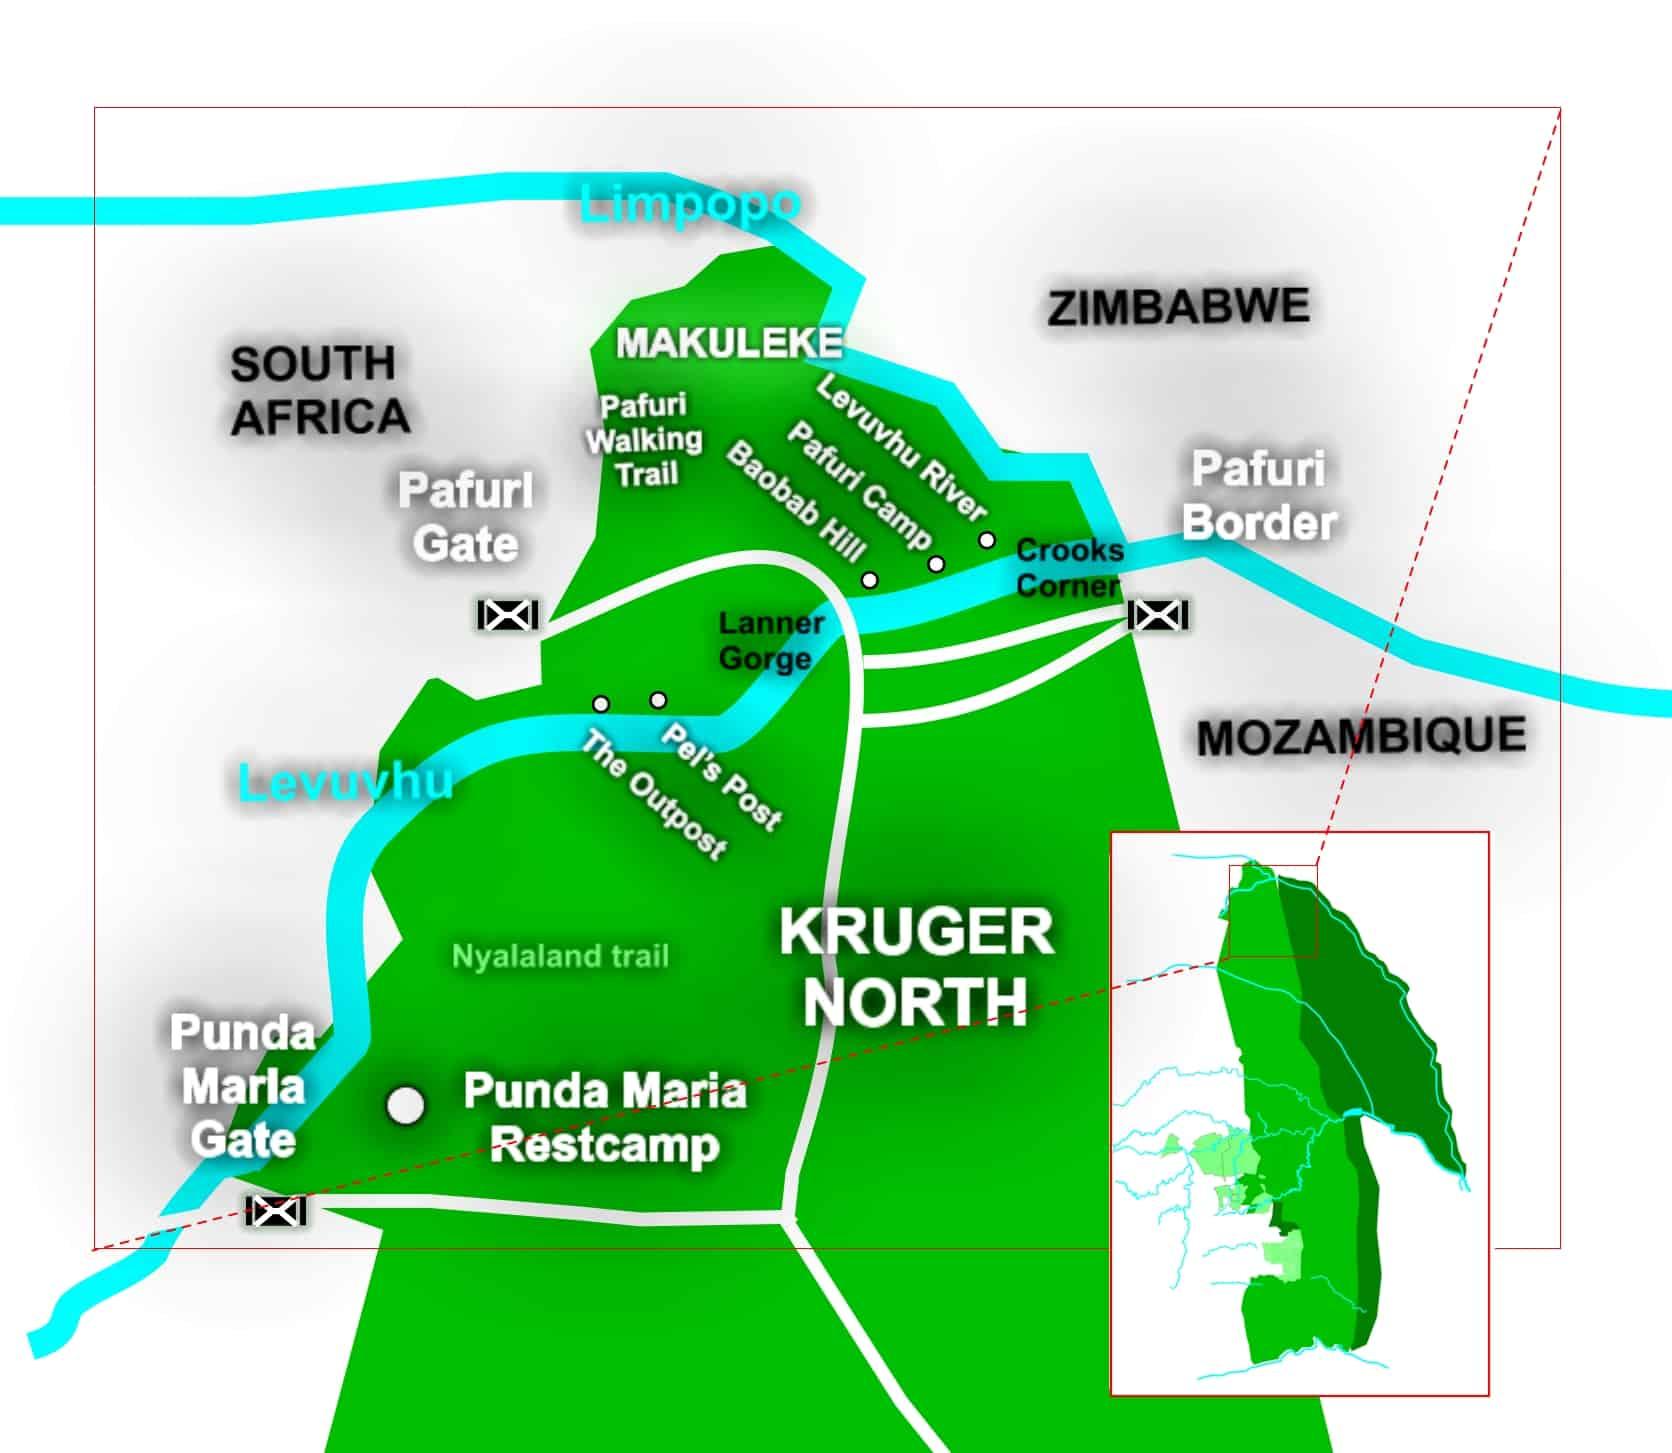 k2c Makuleke contactual park map